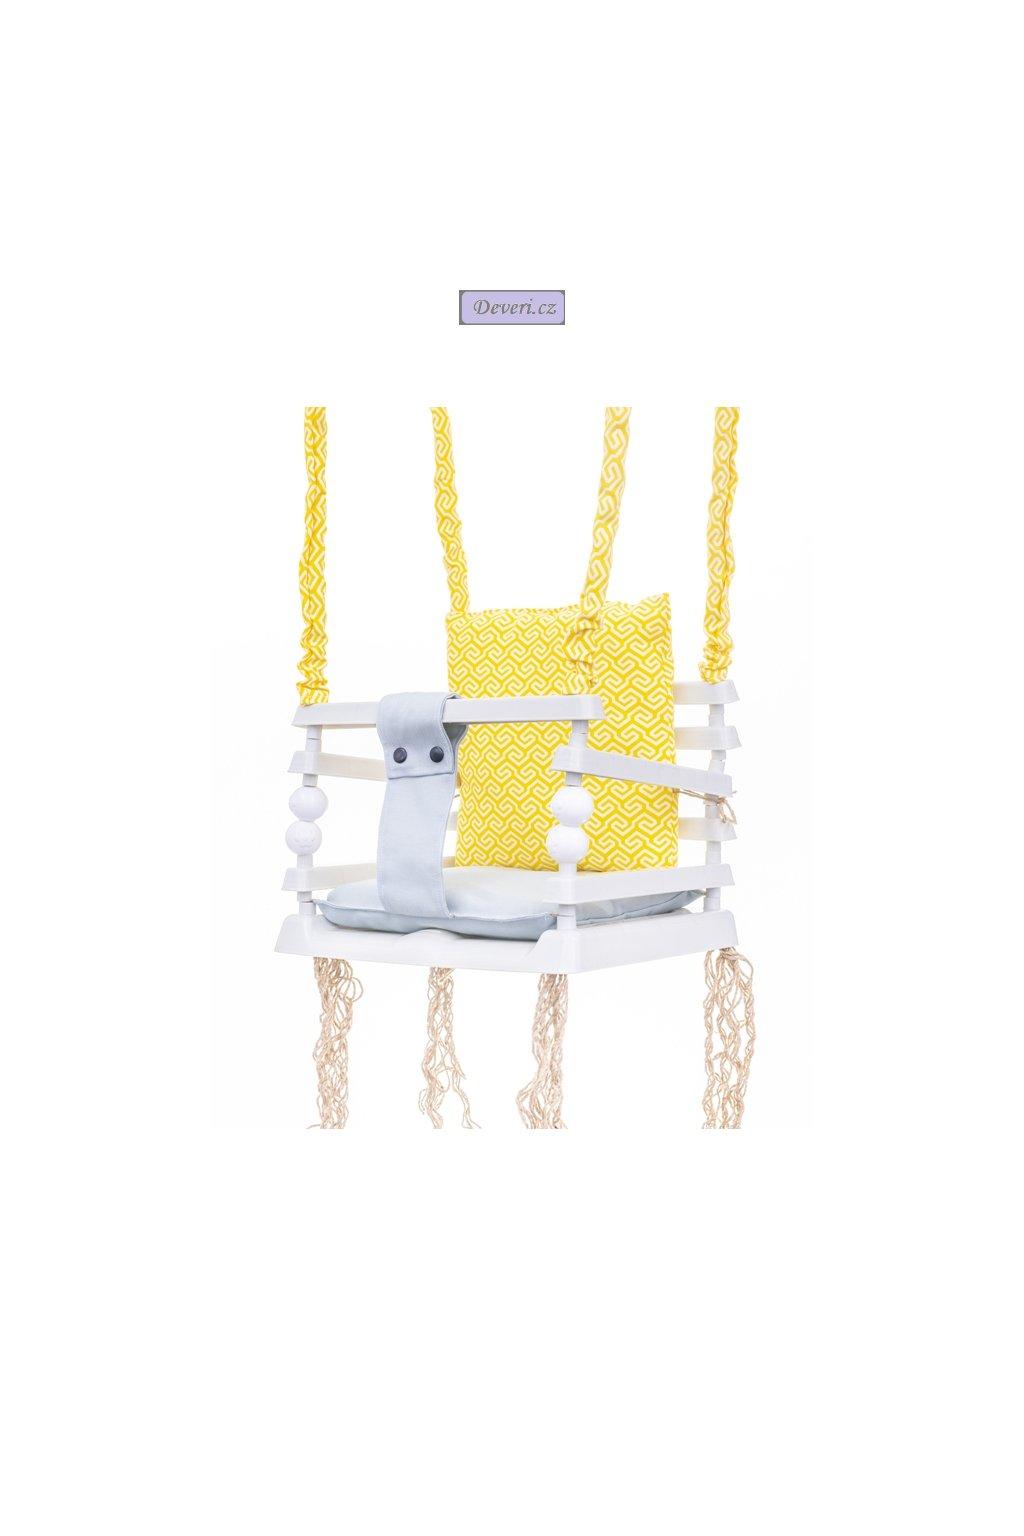 Dětská zahradní plastová houpačka žlutá 3v1 do 20kg 36x34x31cm